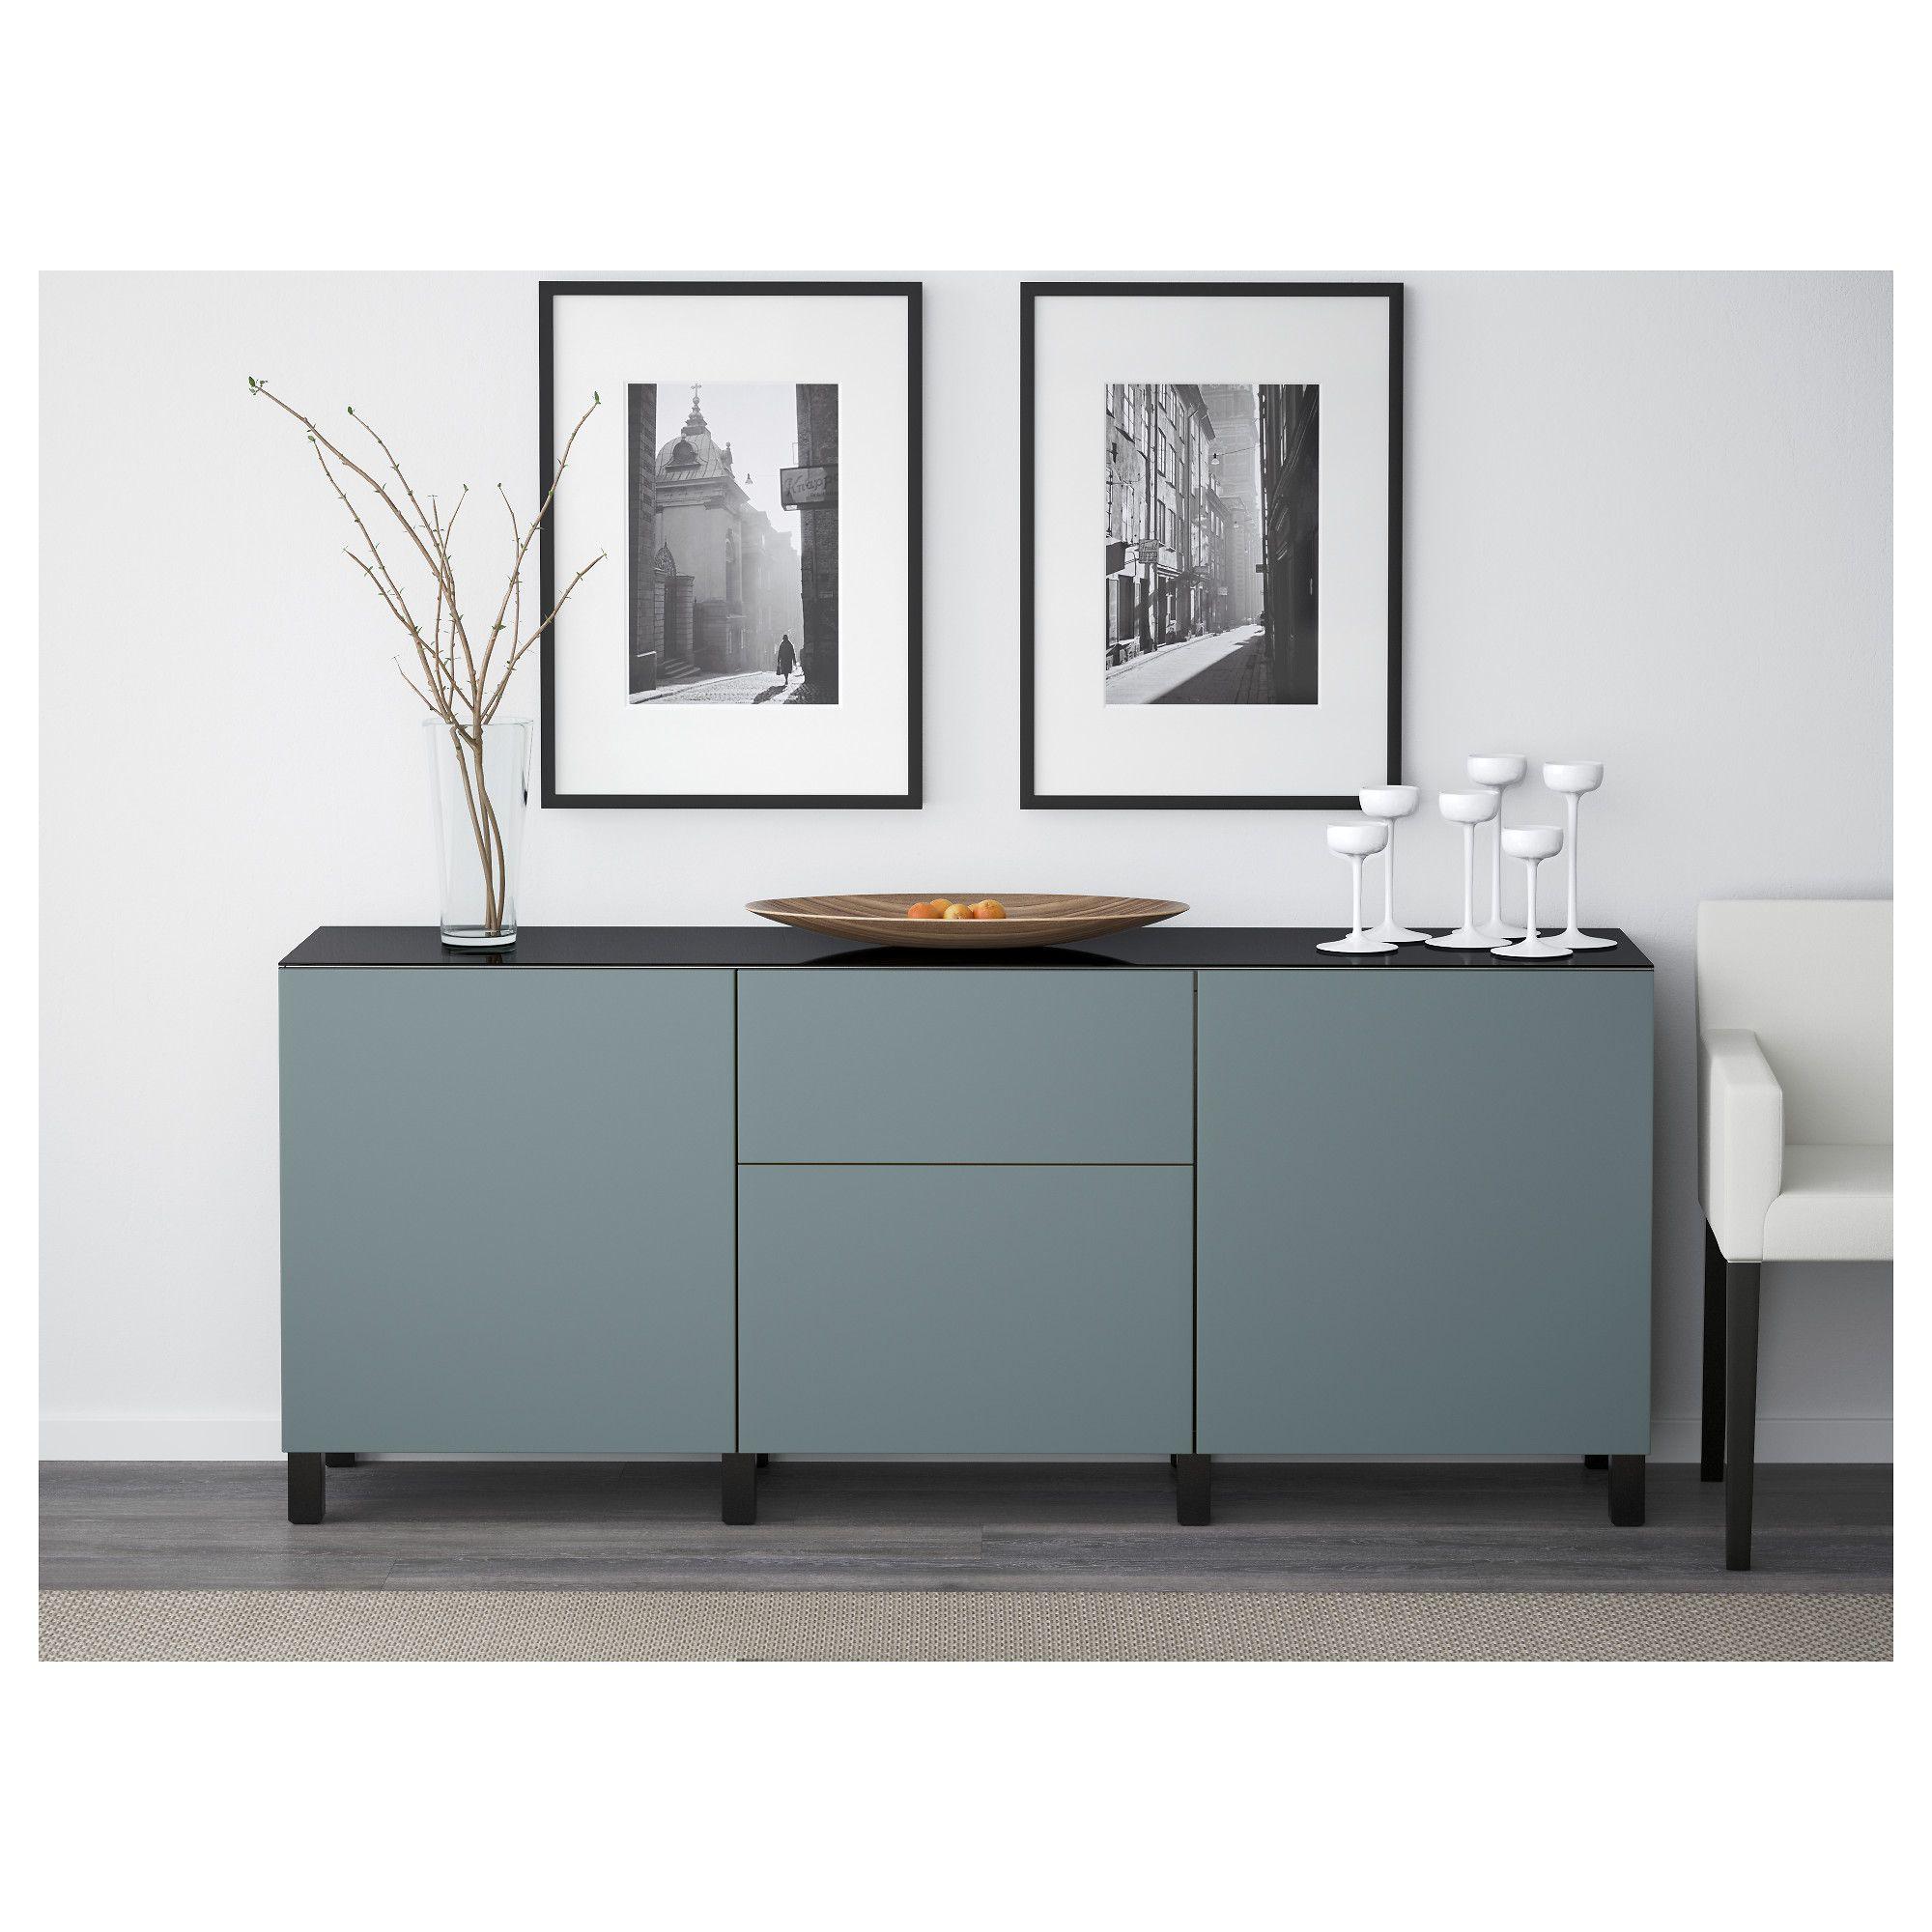 Furniture And Home Furnishings Mit Bildern Sideboard Weiss Hochglanz Ikea Wohnzimmer Ideen Sideboard Weiss